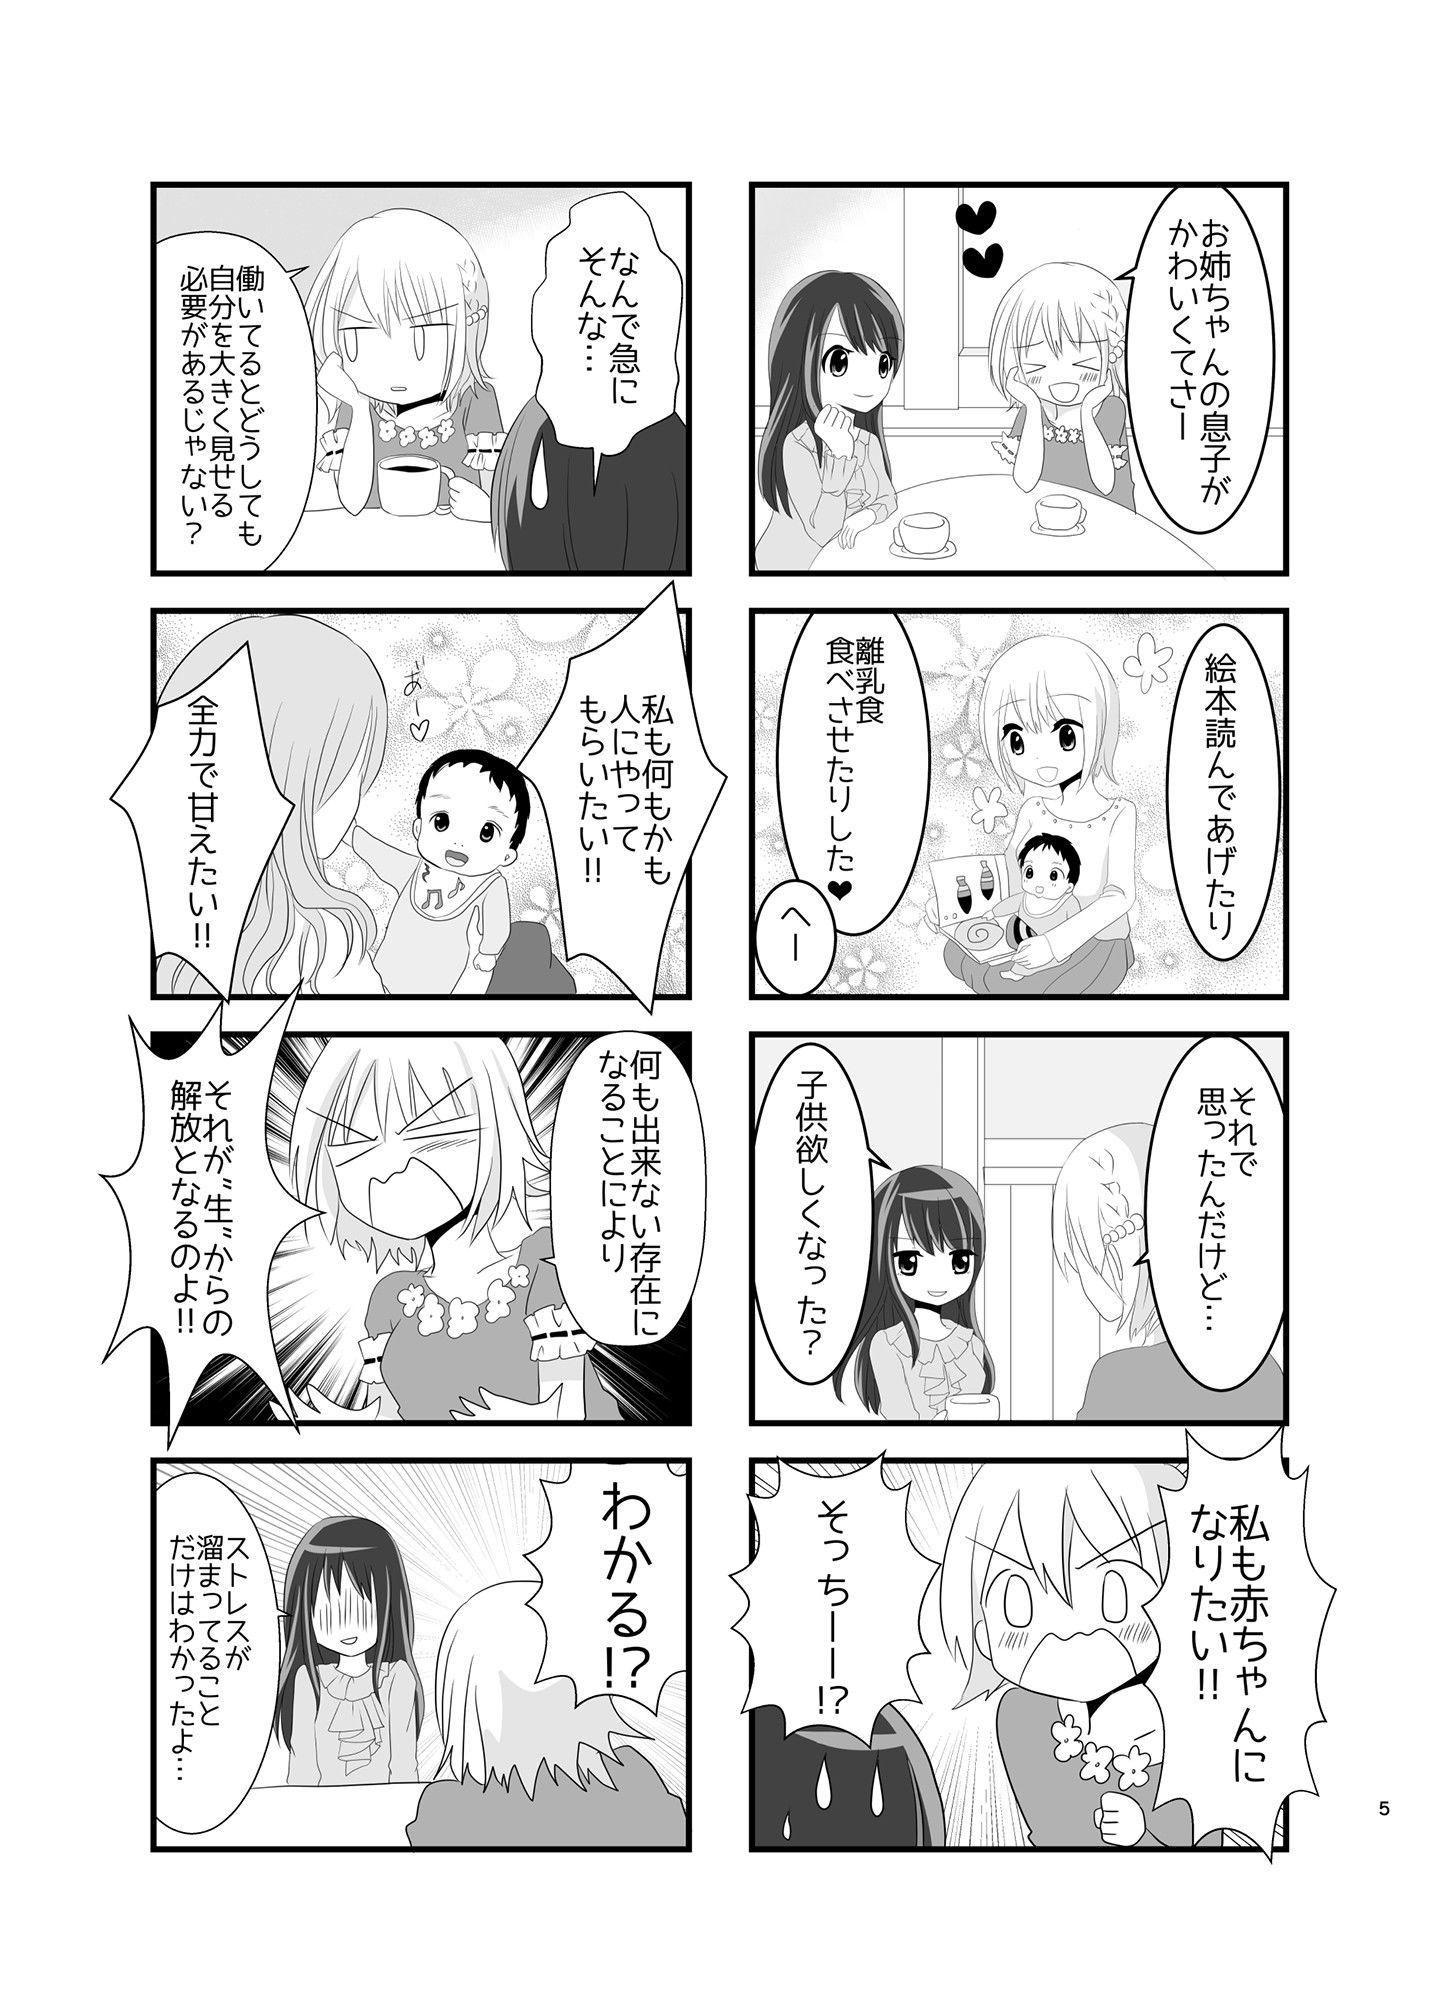 ふじさわたつろー「母さん朝まで抱くよ!!~幸恵シリーズ総集編~」